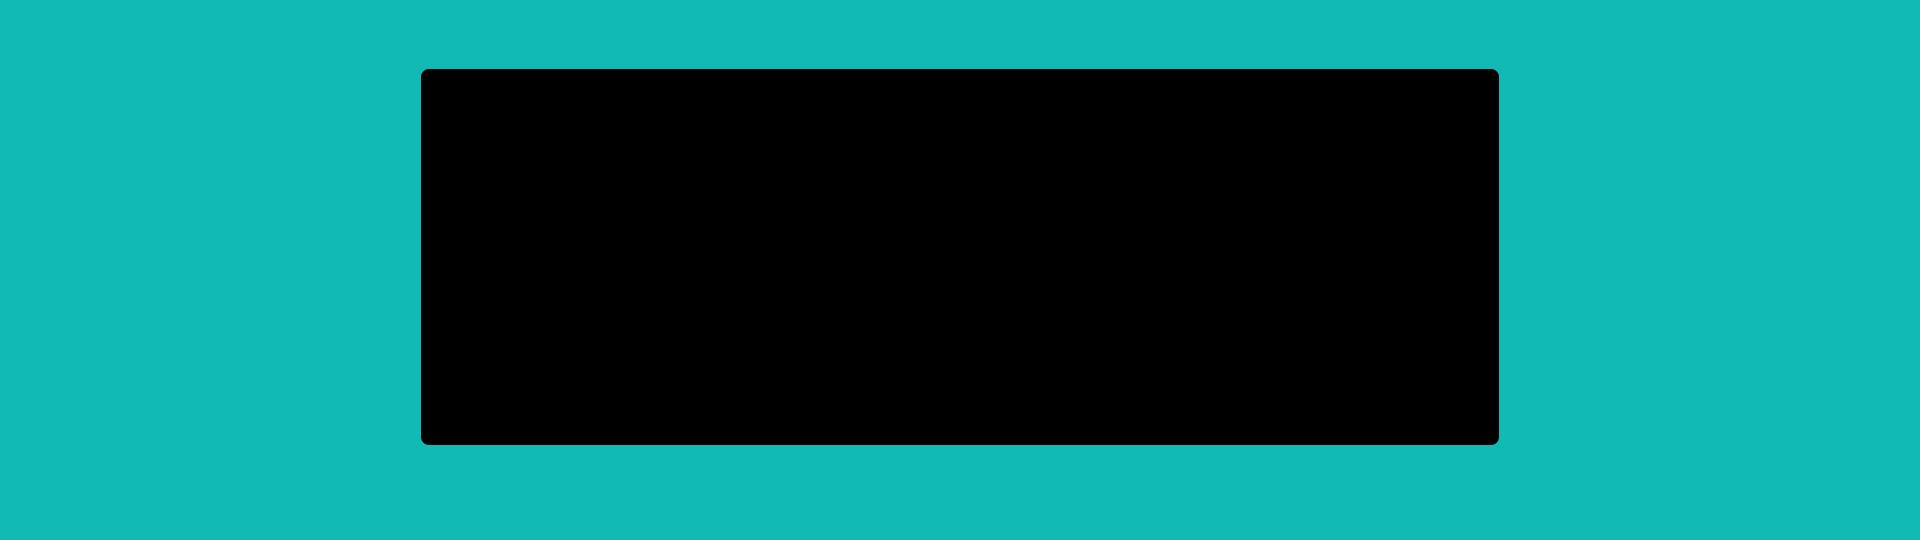 CATEGORY-KOZM-KISINDIRIMIKOZMETIKURUNLERIAVANTAJLIFIYATLARLABURADA-23-02